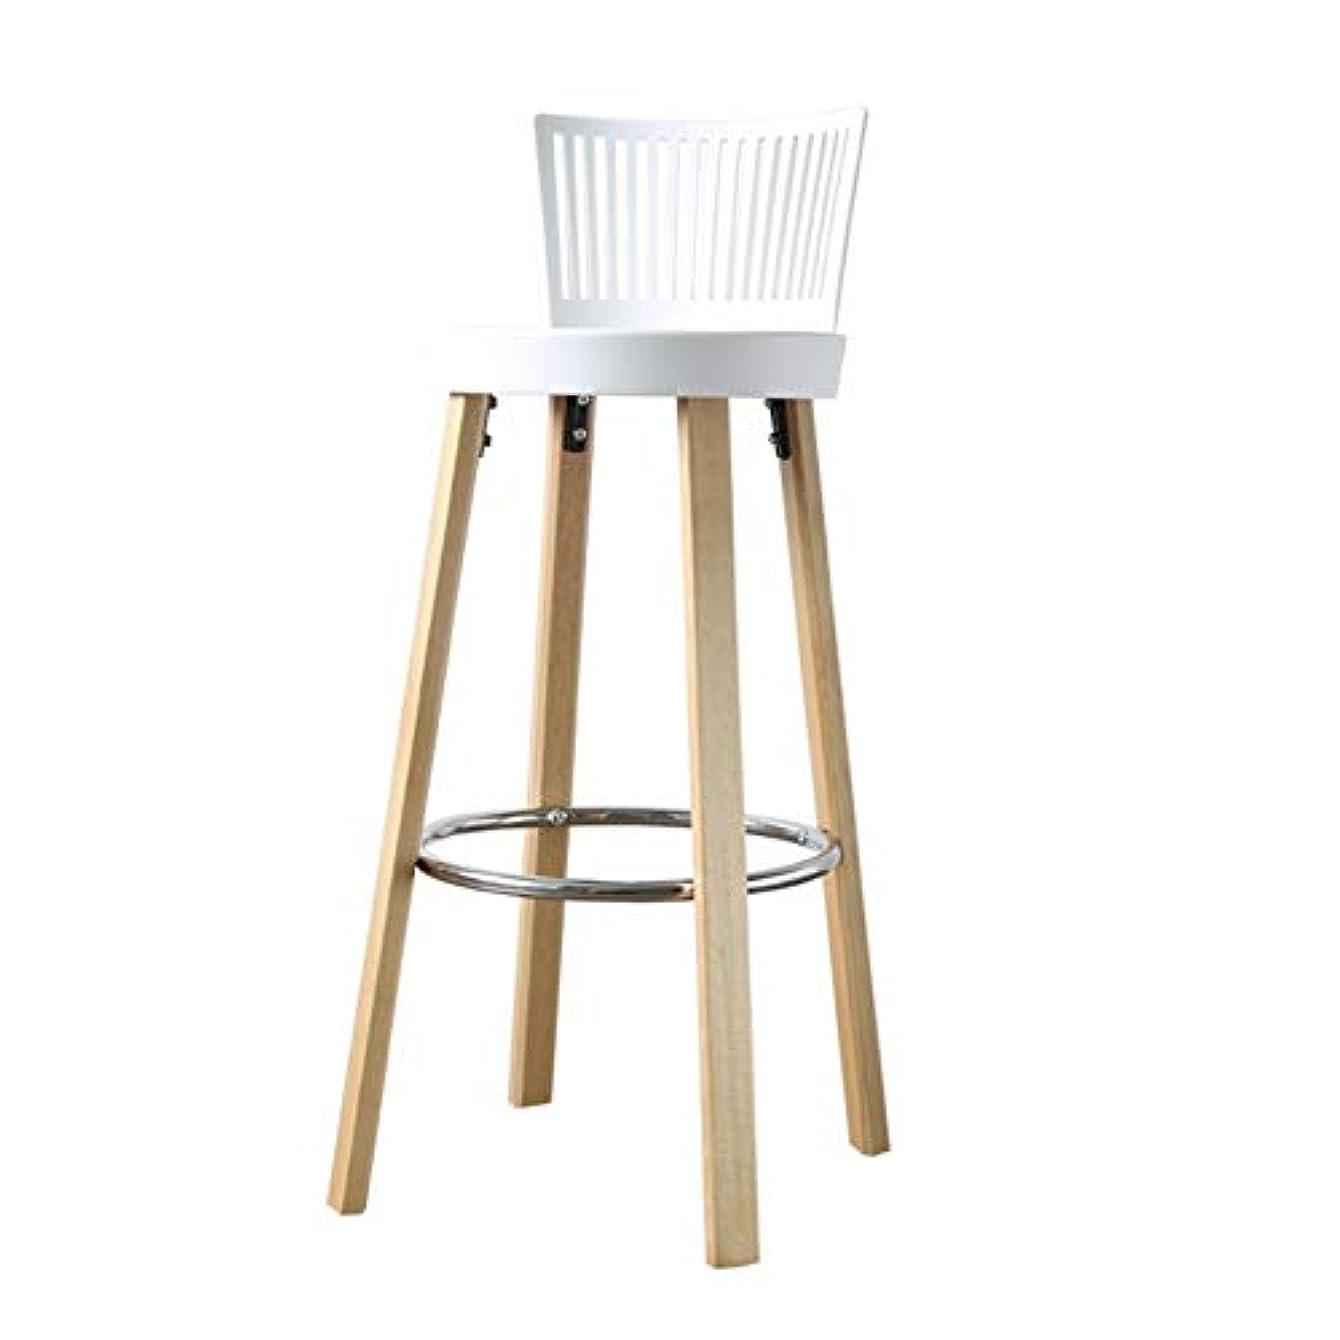 コウモリ残酷嘆くLIQICAI カウンターチェアバースツール ダイニングスツール PPの座席そしてあと振れ止めを使って、 キッチンダイニングバーチェア 木製の足 カウンターハイトスツール、 3色 (Color : White, Size...